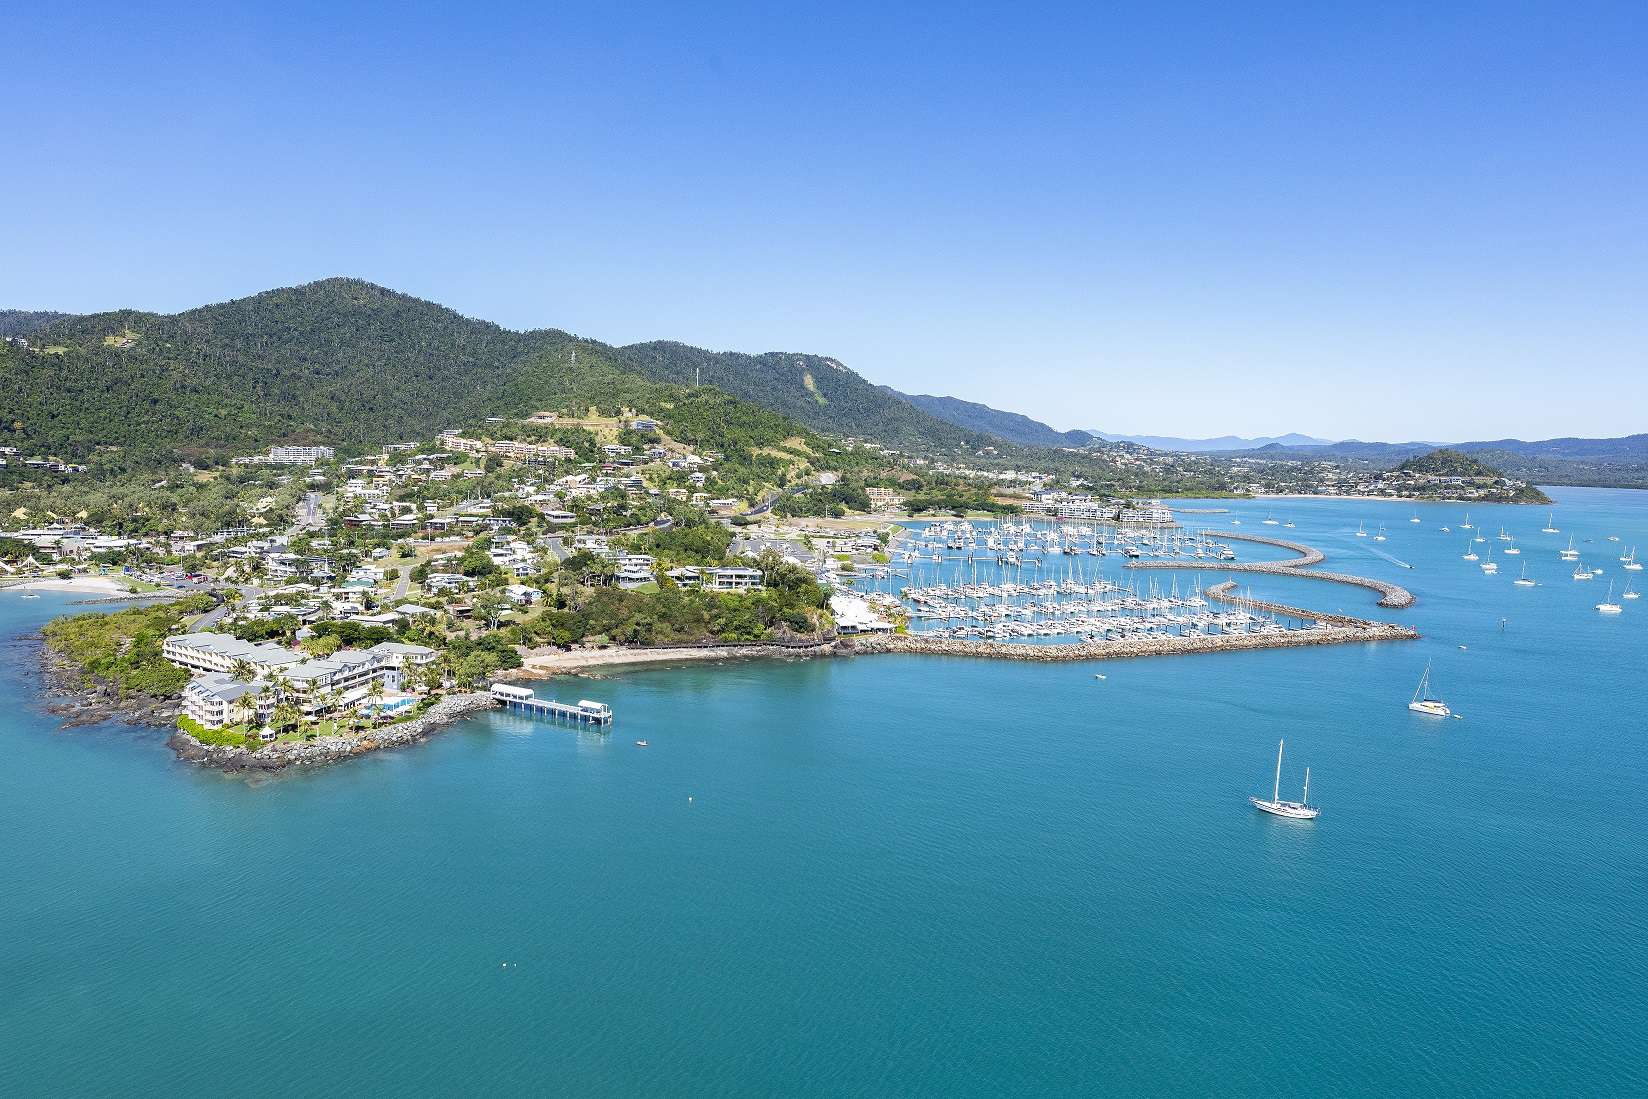 aerial of Coral Sea Resort Marina Resort